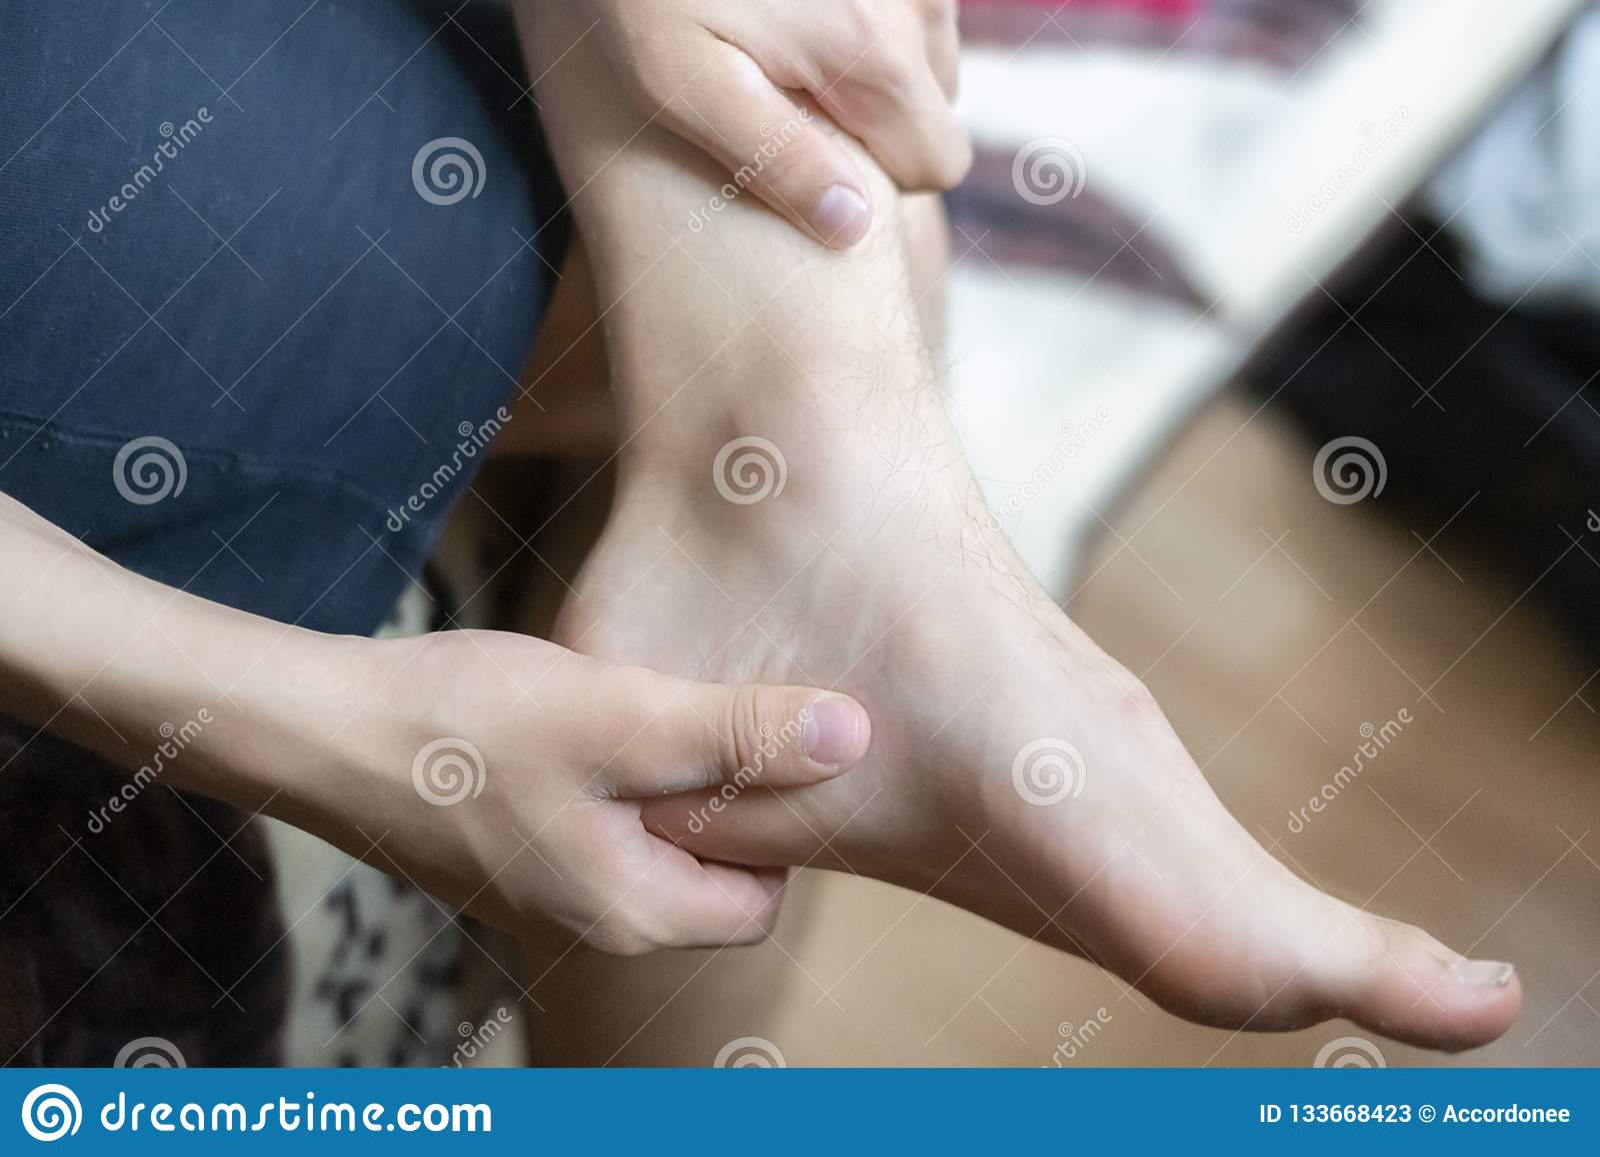 Osoby ręki dotyk kostka, czuje kość ból f